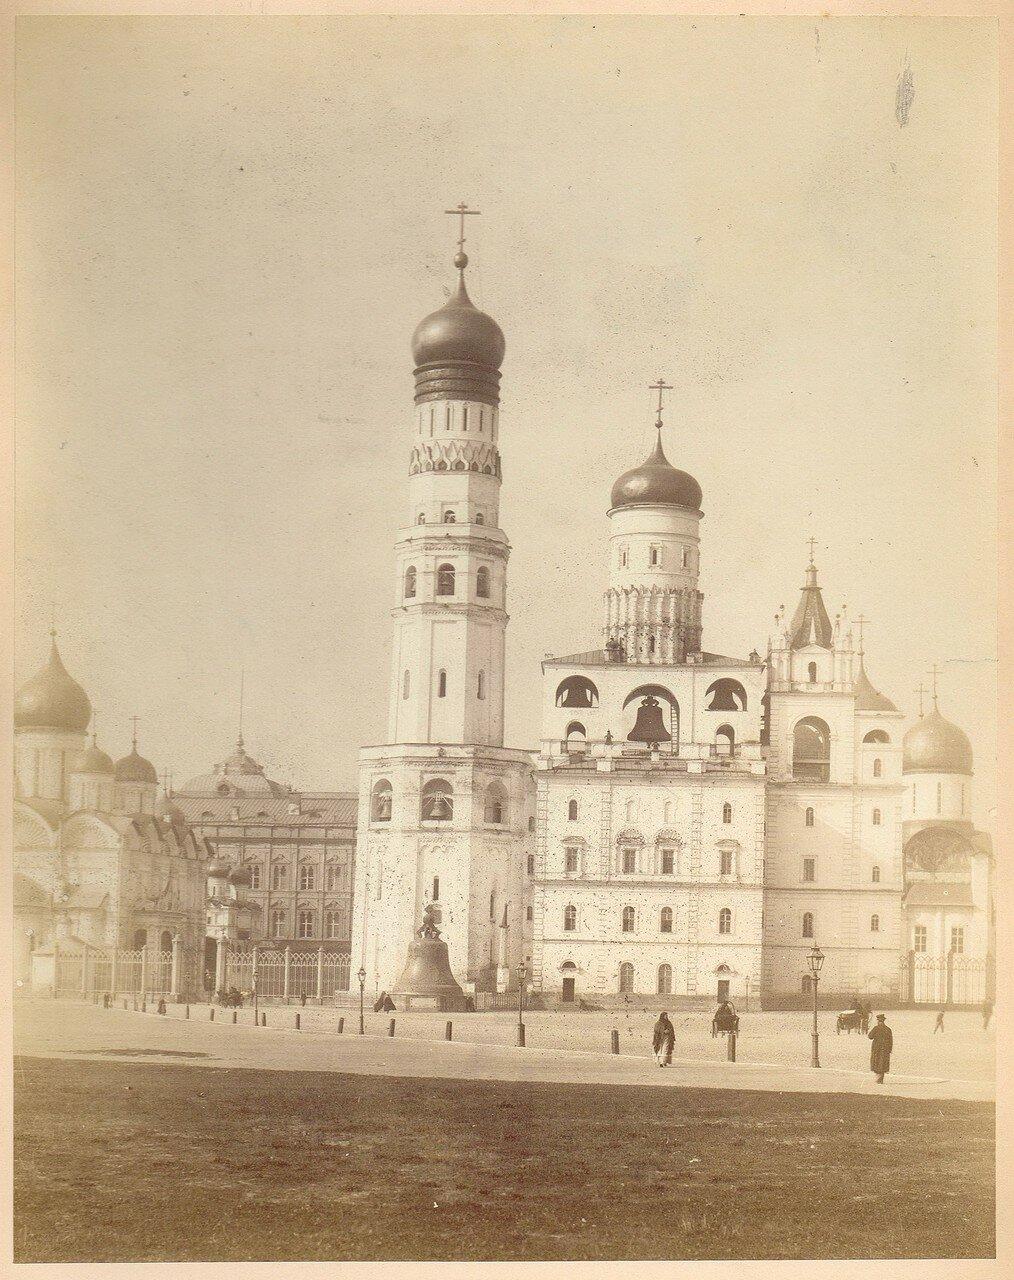 757. Кремль. Царь-колокол и Ивановская колокольня